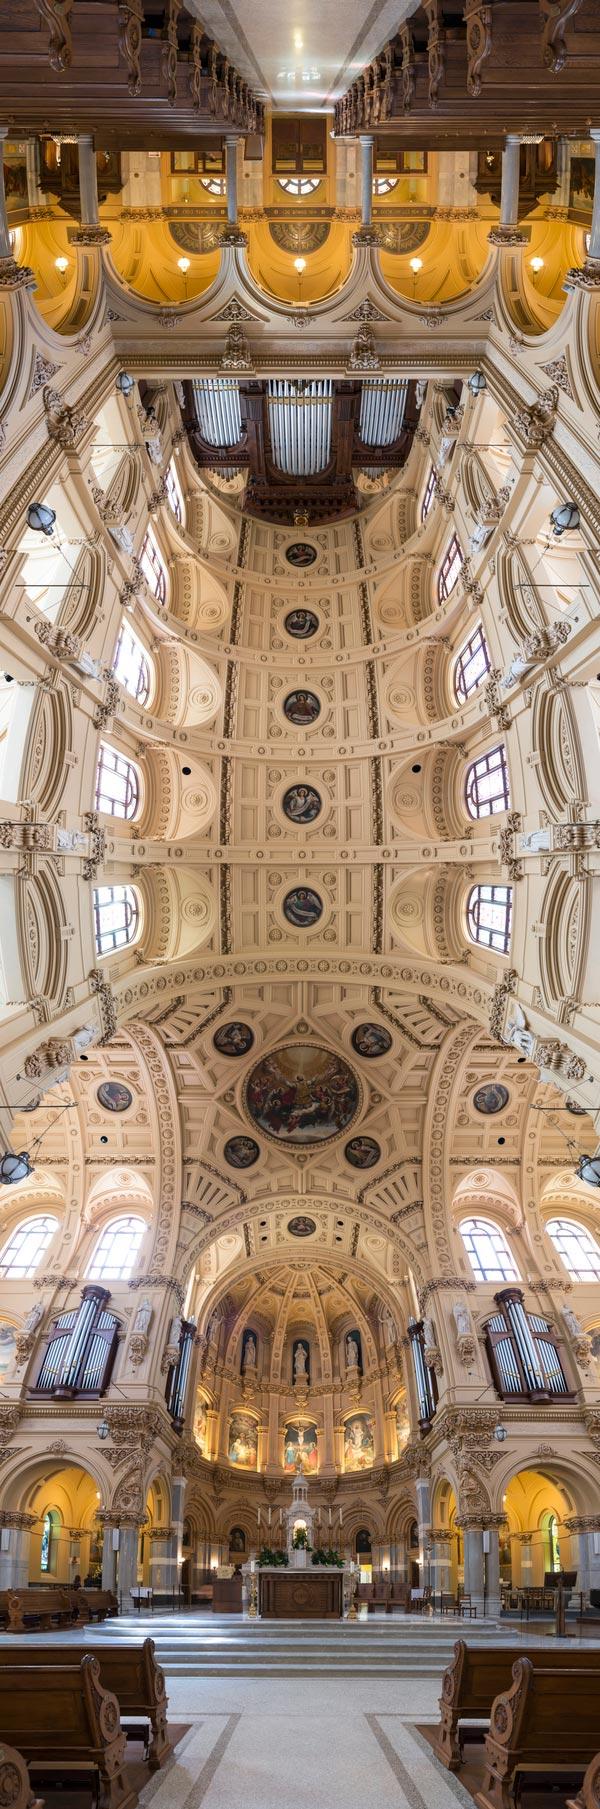 Вертикальные панорамы свода церкви